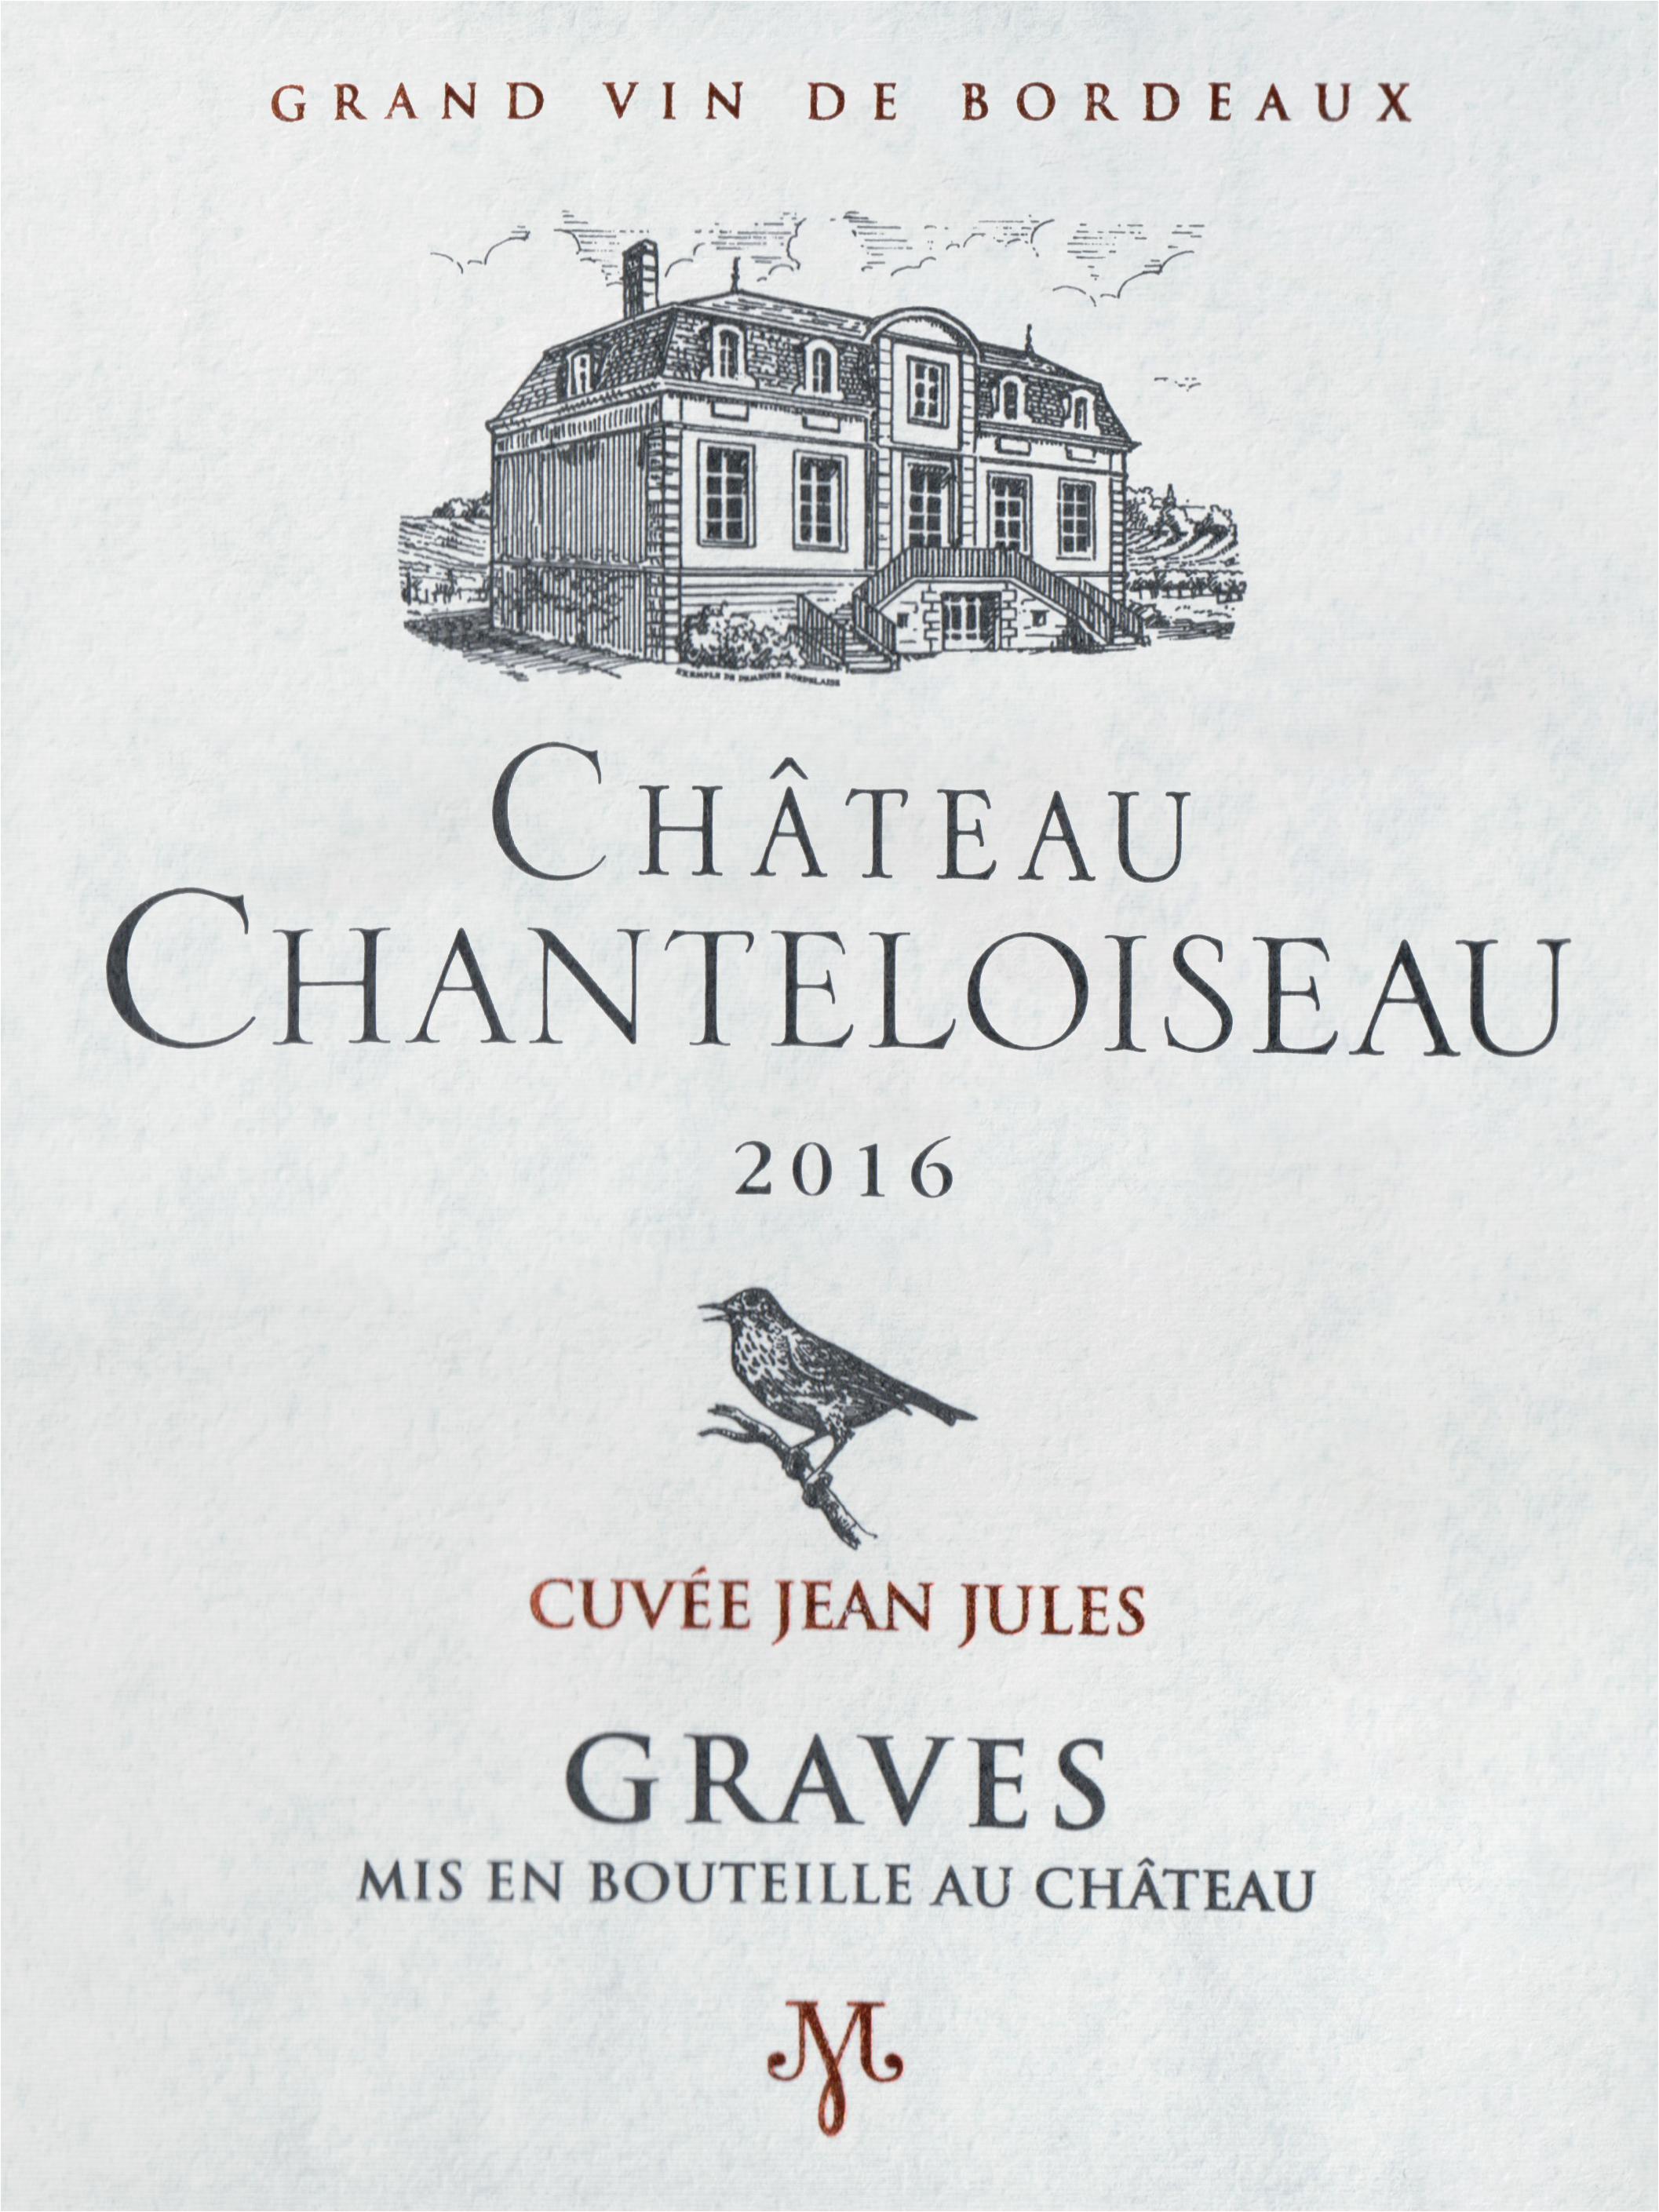 Chateau Chanteloiseau Graves Rouge 2016